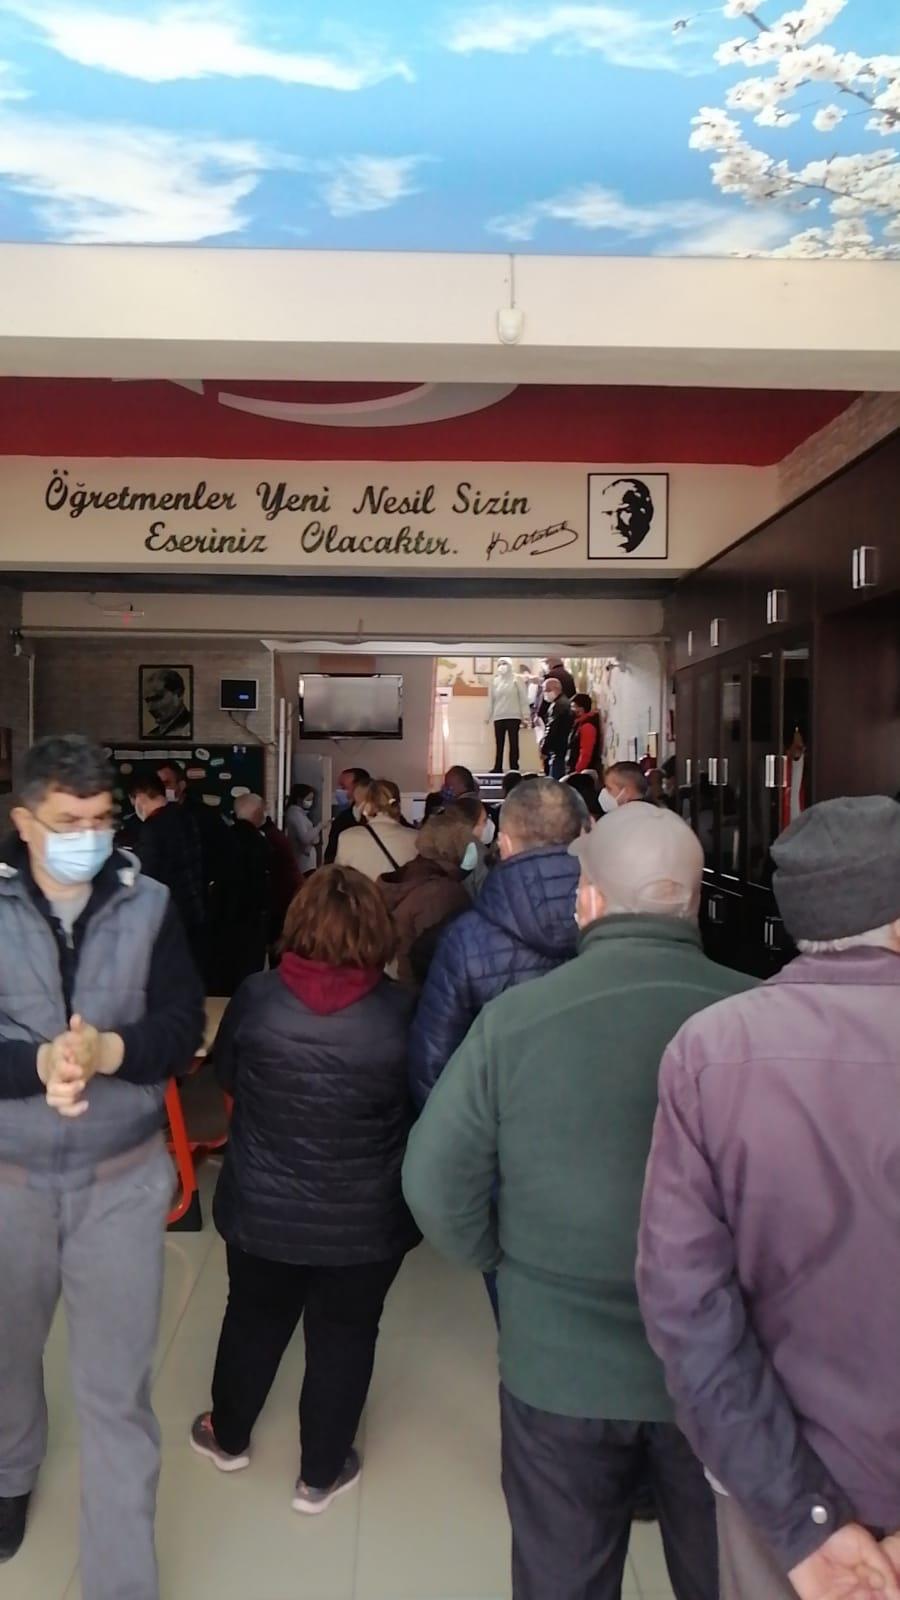 Изселническата прогноза: Около 30 000 гласа за ДПС, за 100 000 е нужна подкрепа от Анкара!